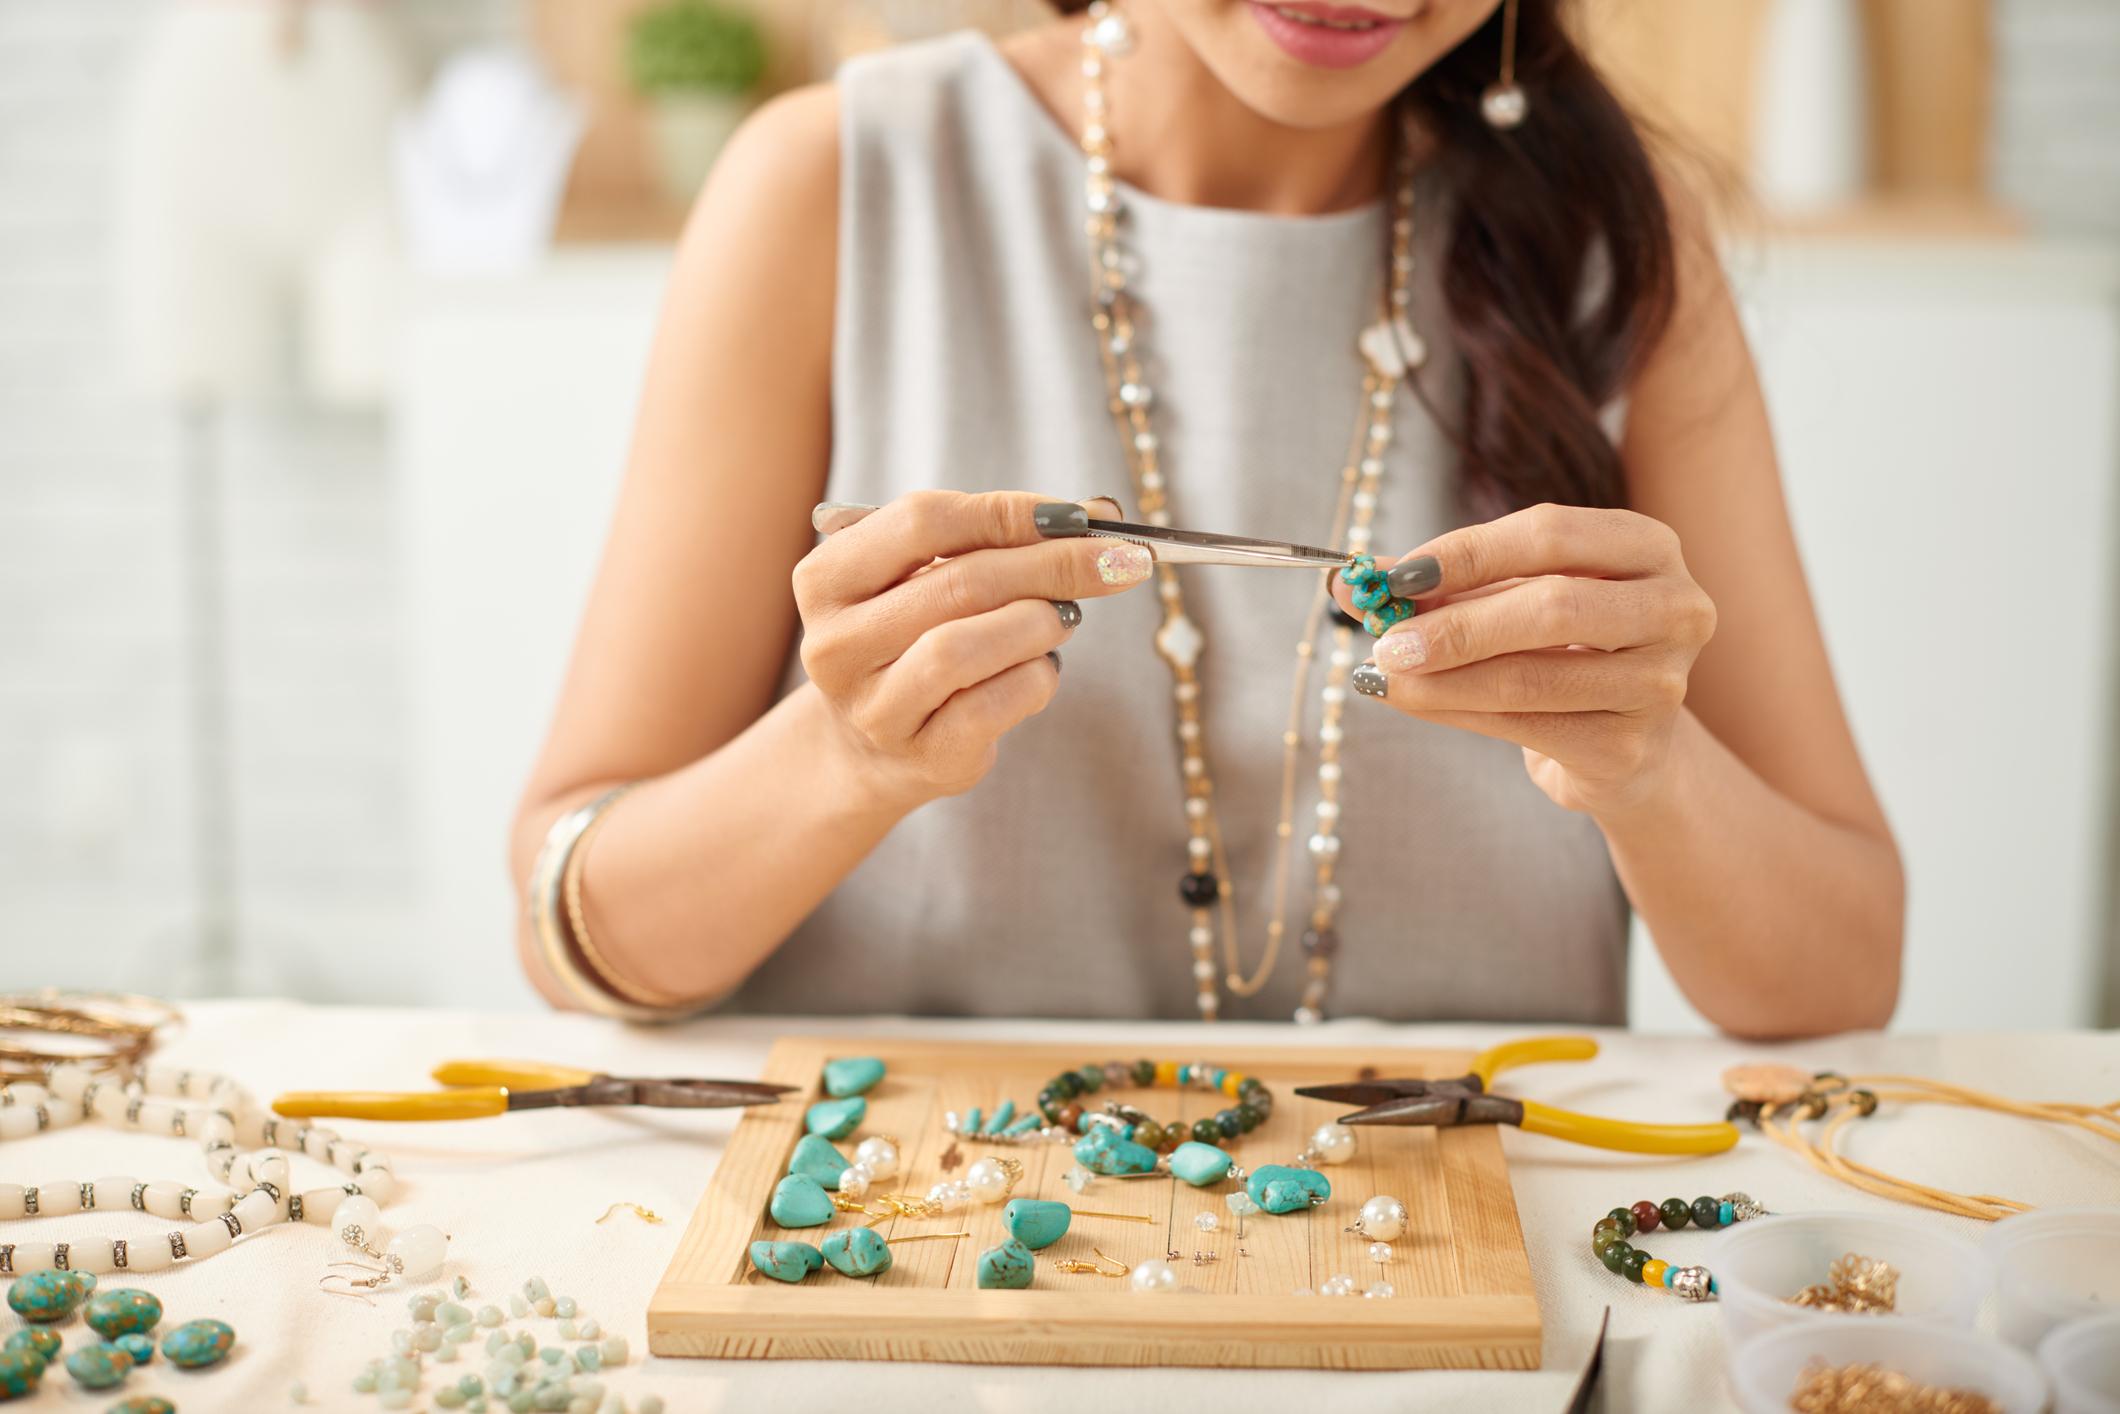 A jeweler at work.